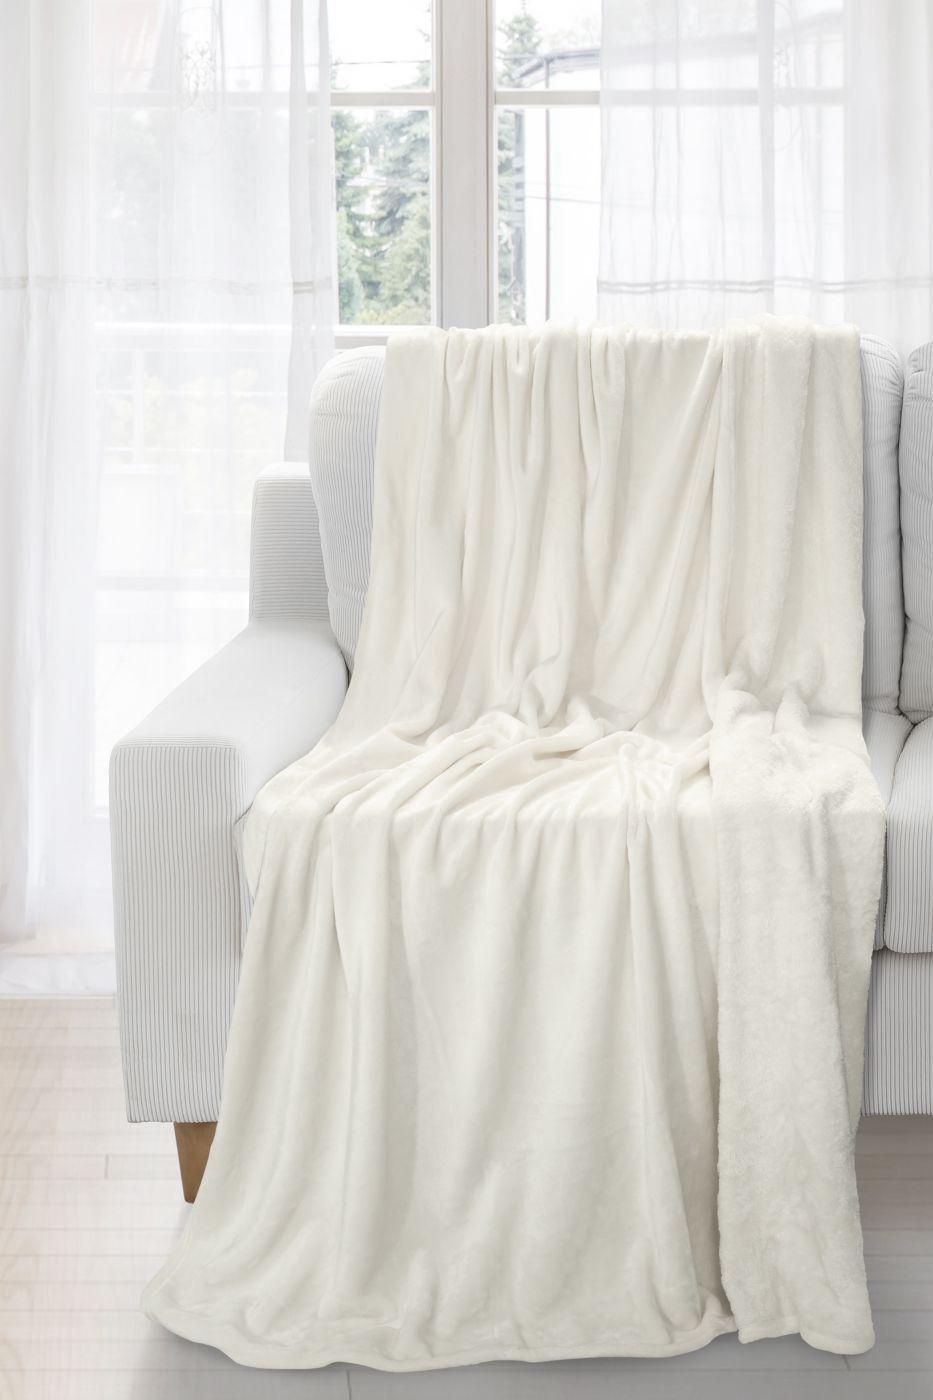 Patura Soft Cream 150 x 200 cm